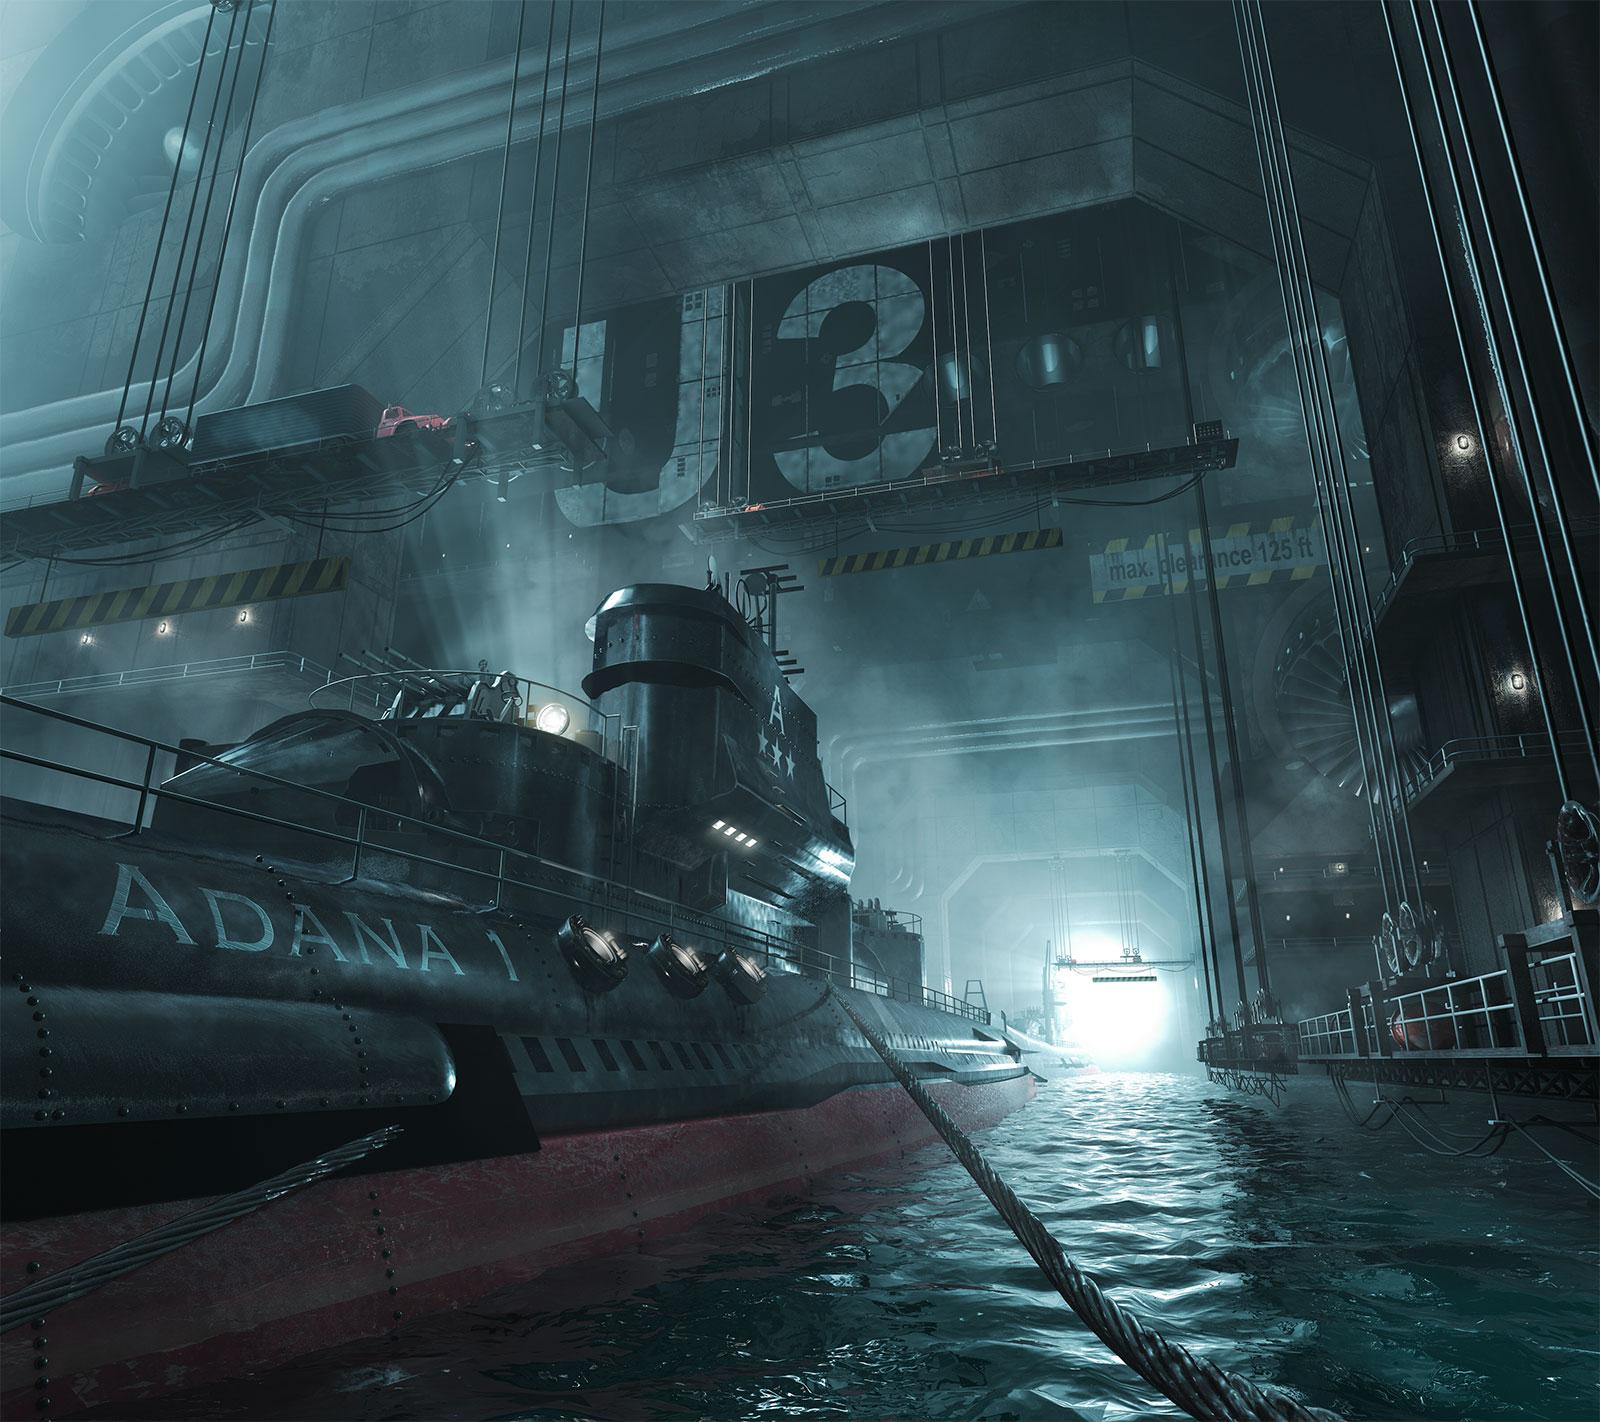 Ein in Cinema 4D erstelltes U-Boot, inklusive Szene, Lichtsetzung und Beleuchtung